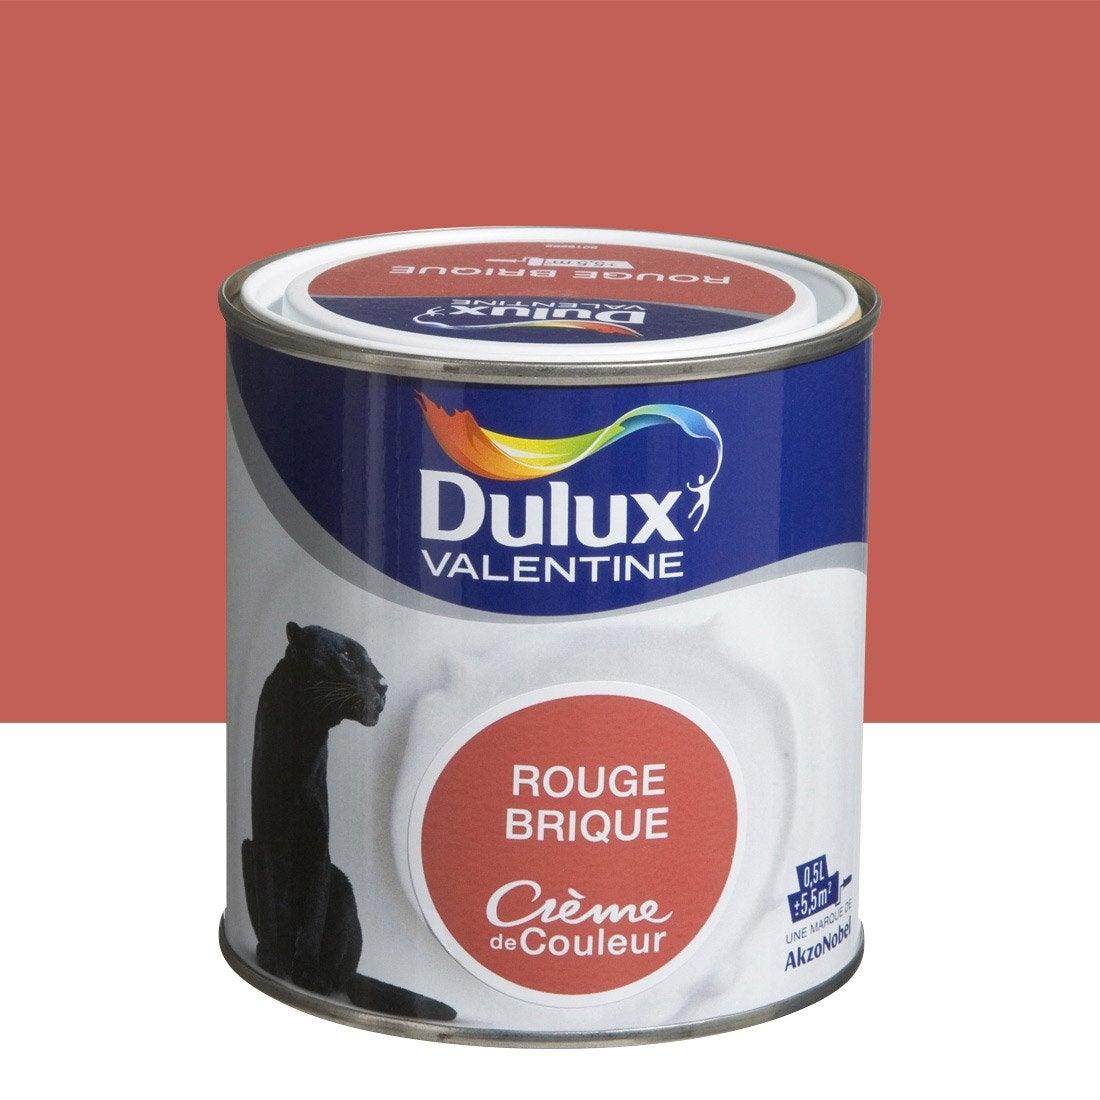 Peinture rouge brique dulux valentine cr me de couleur 0 5 for Peinture rouge pour cuisine